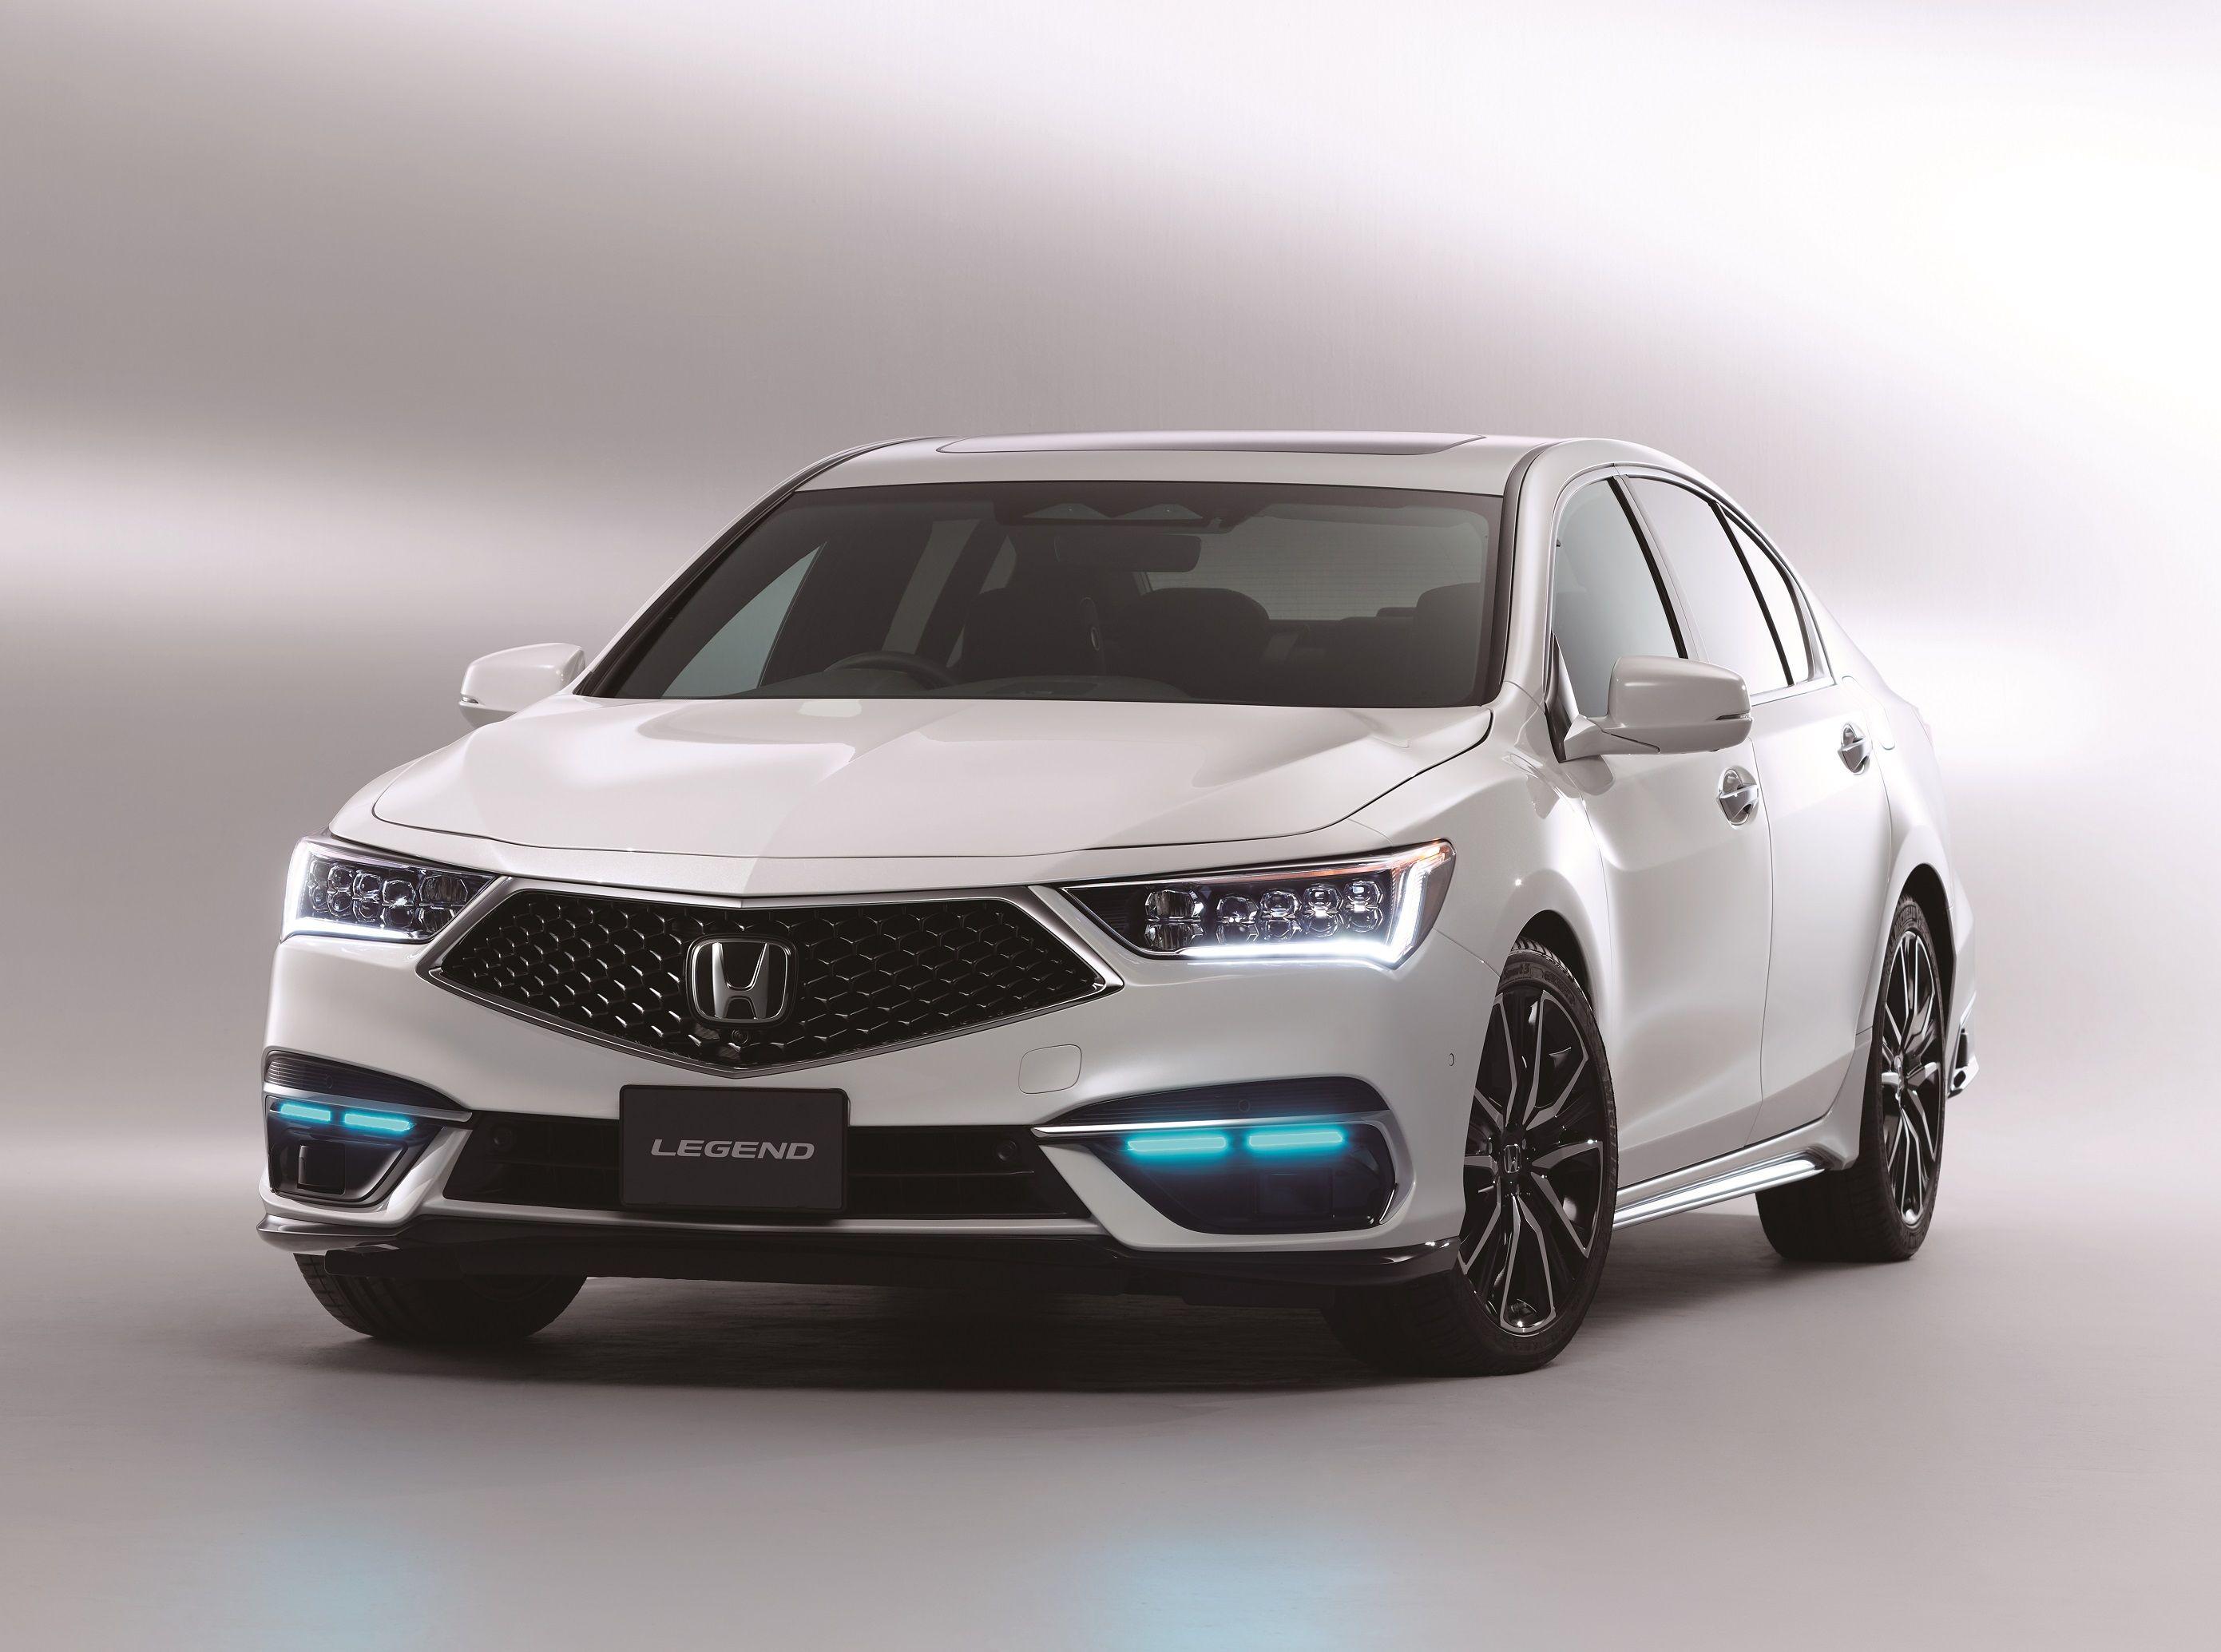 ホンダ、世界初の自動運転「レベル3」搭載したレジェンドを発売 100台限定で1100万円